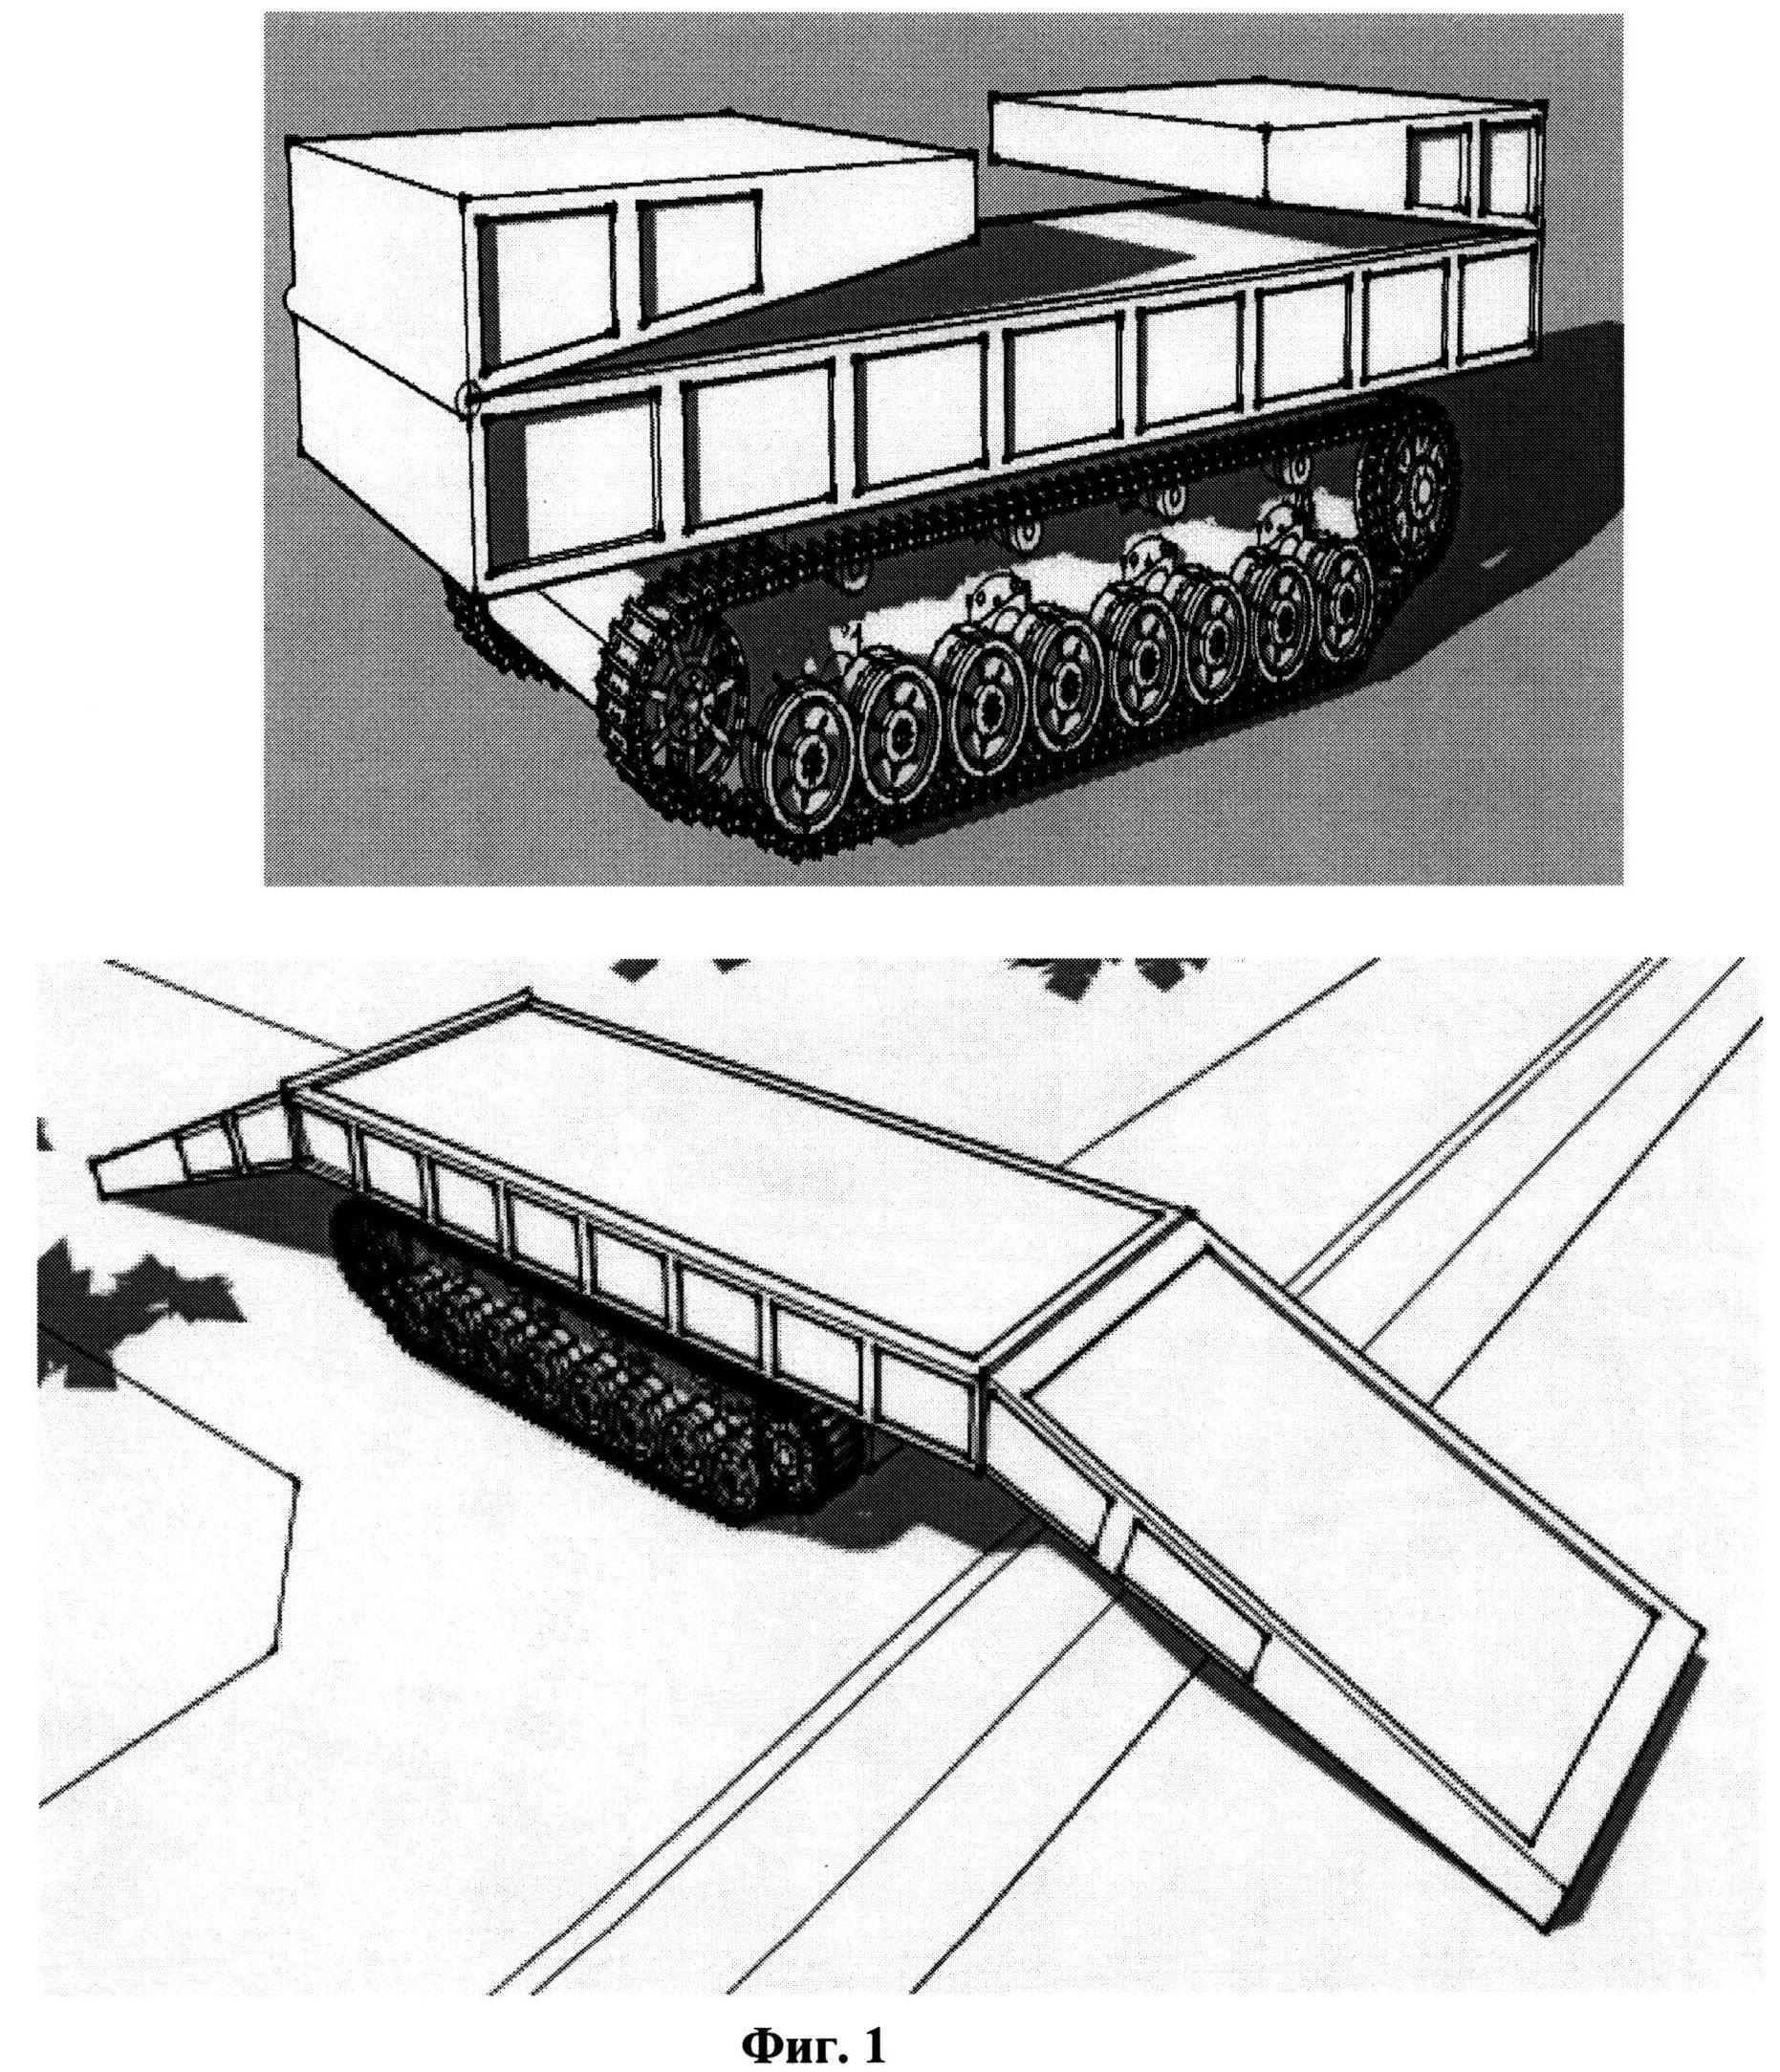 Мостоукладчик на базе мостоопорной машины